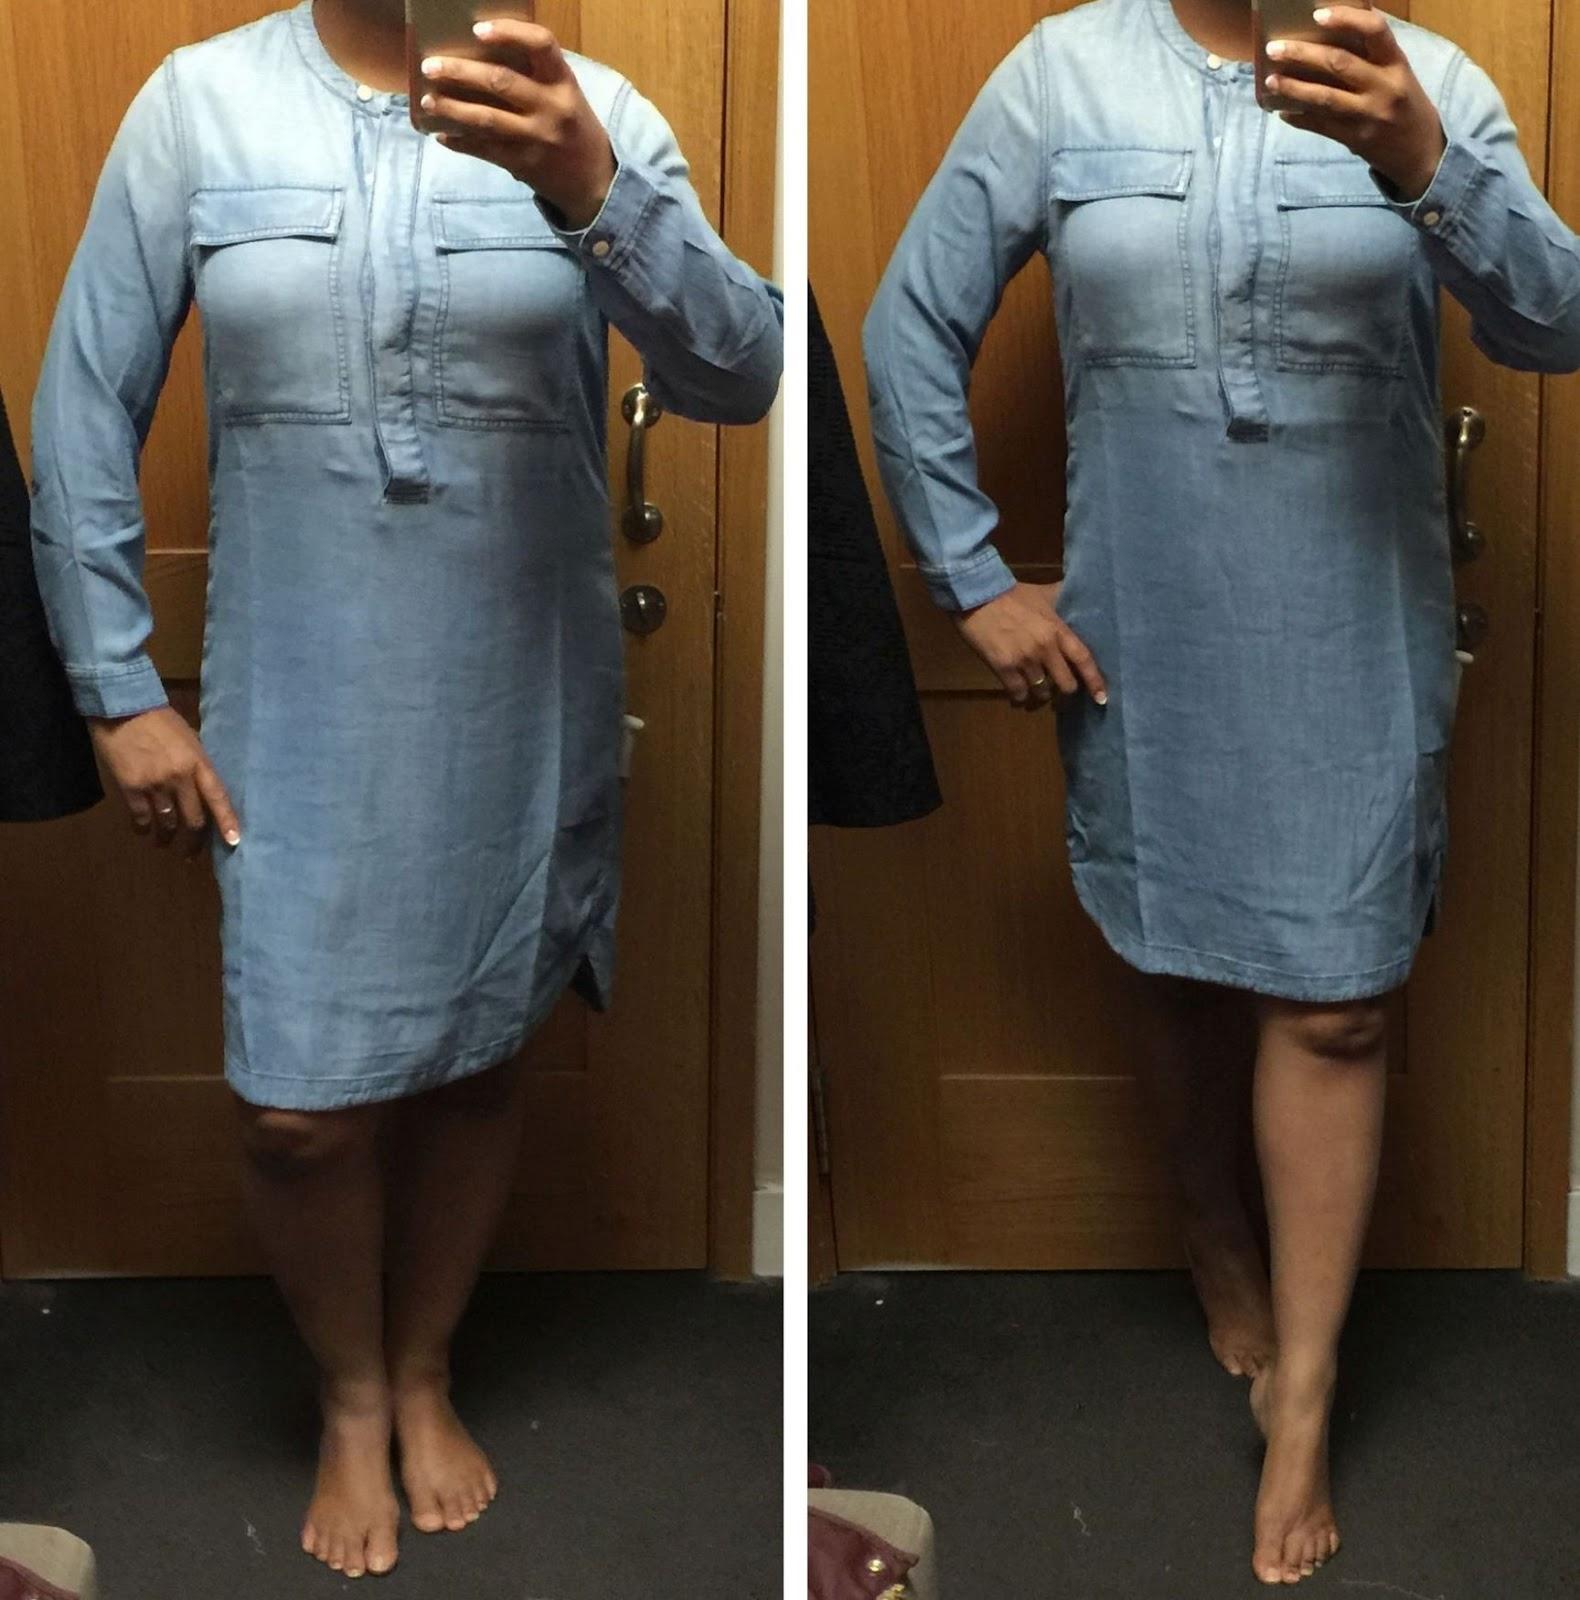 a9e35db034 J Crew drapey chambray shirt dress review Archives - Gigi s Gone ...